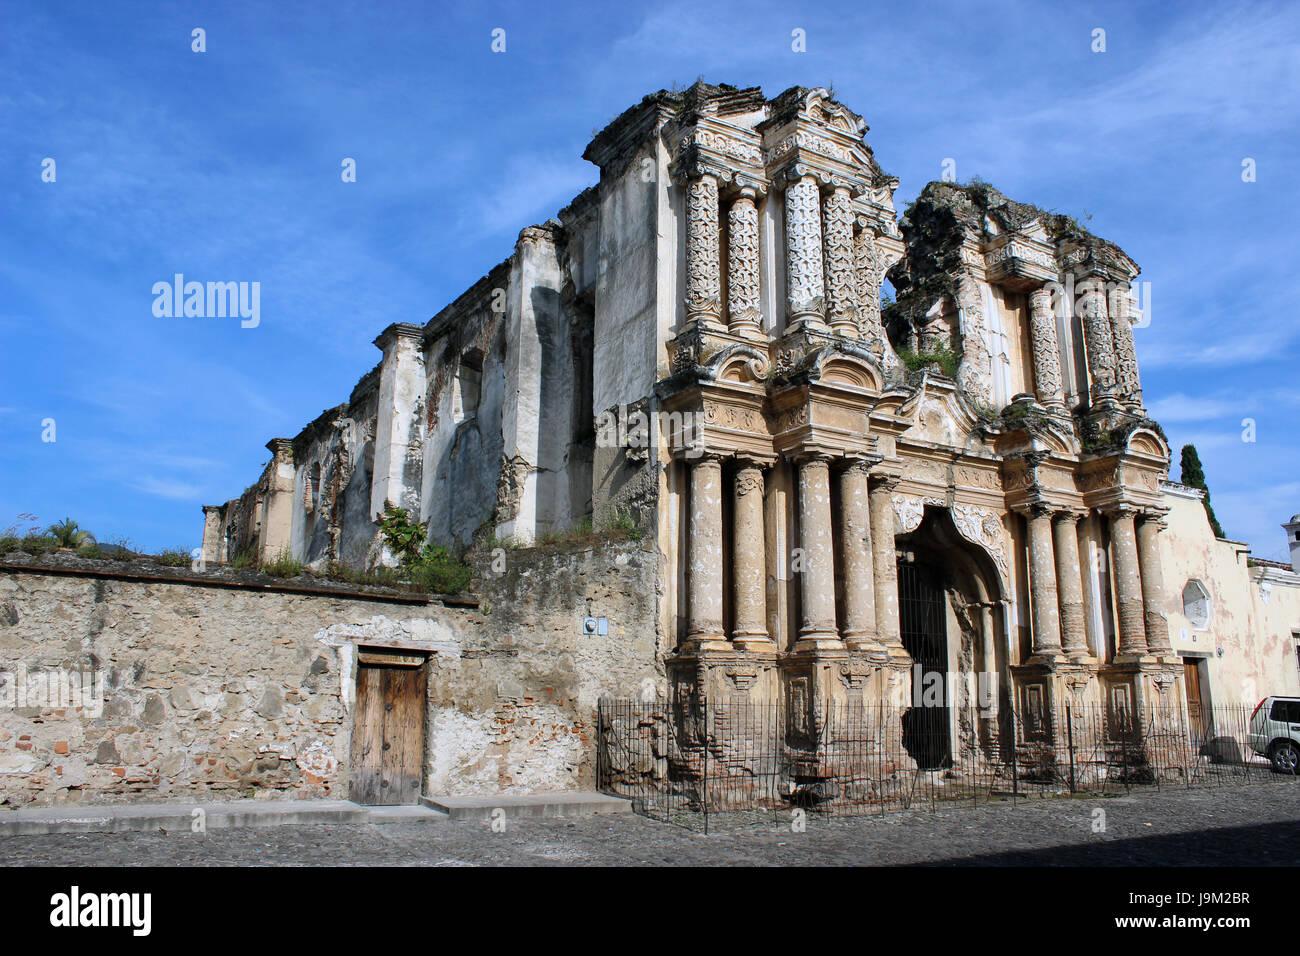 Ruinas de Iglesia en La Antigua Guatemala, ciudad colonial patrimonio cultural de la humanidad segun la UNESCO, cuenta con muchas escuelas de español. Stock Photo